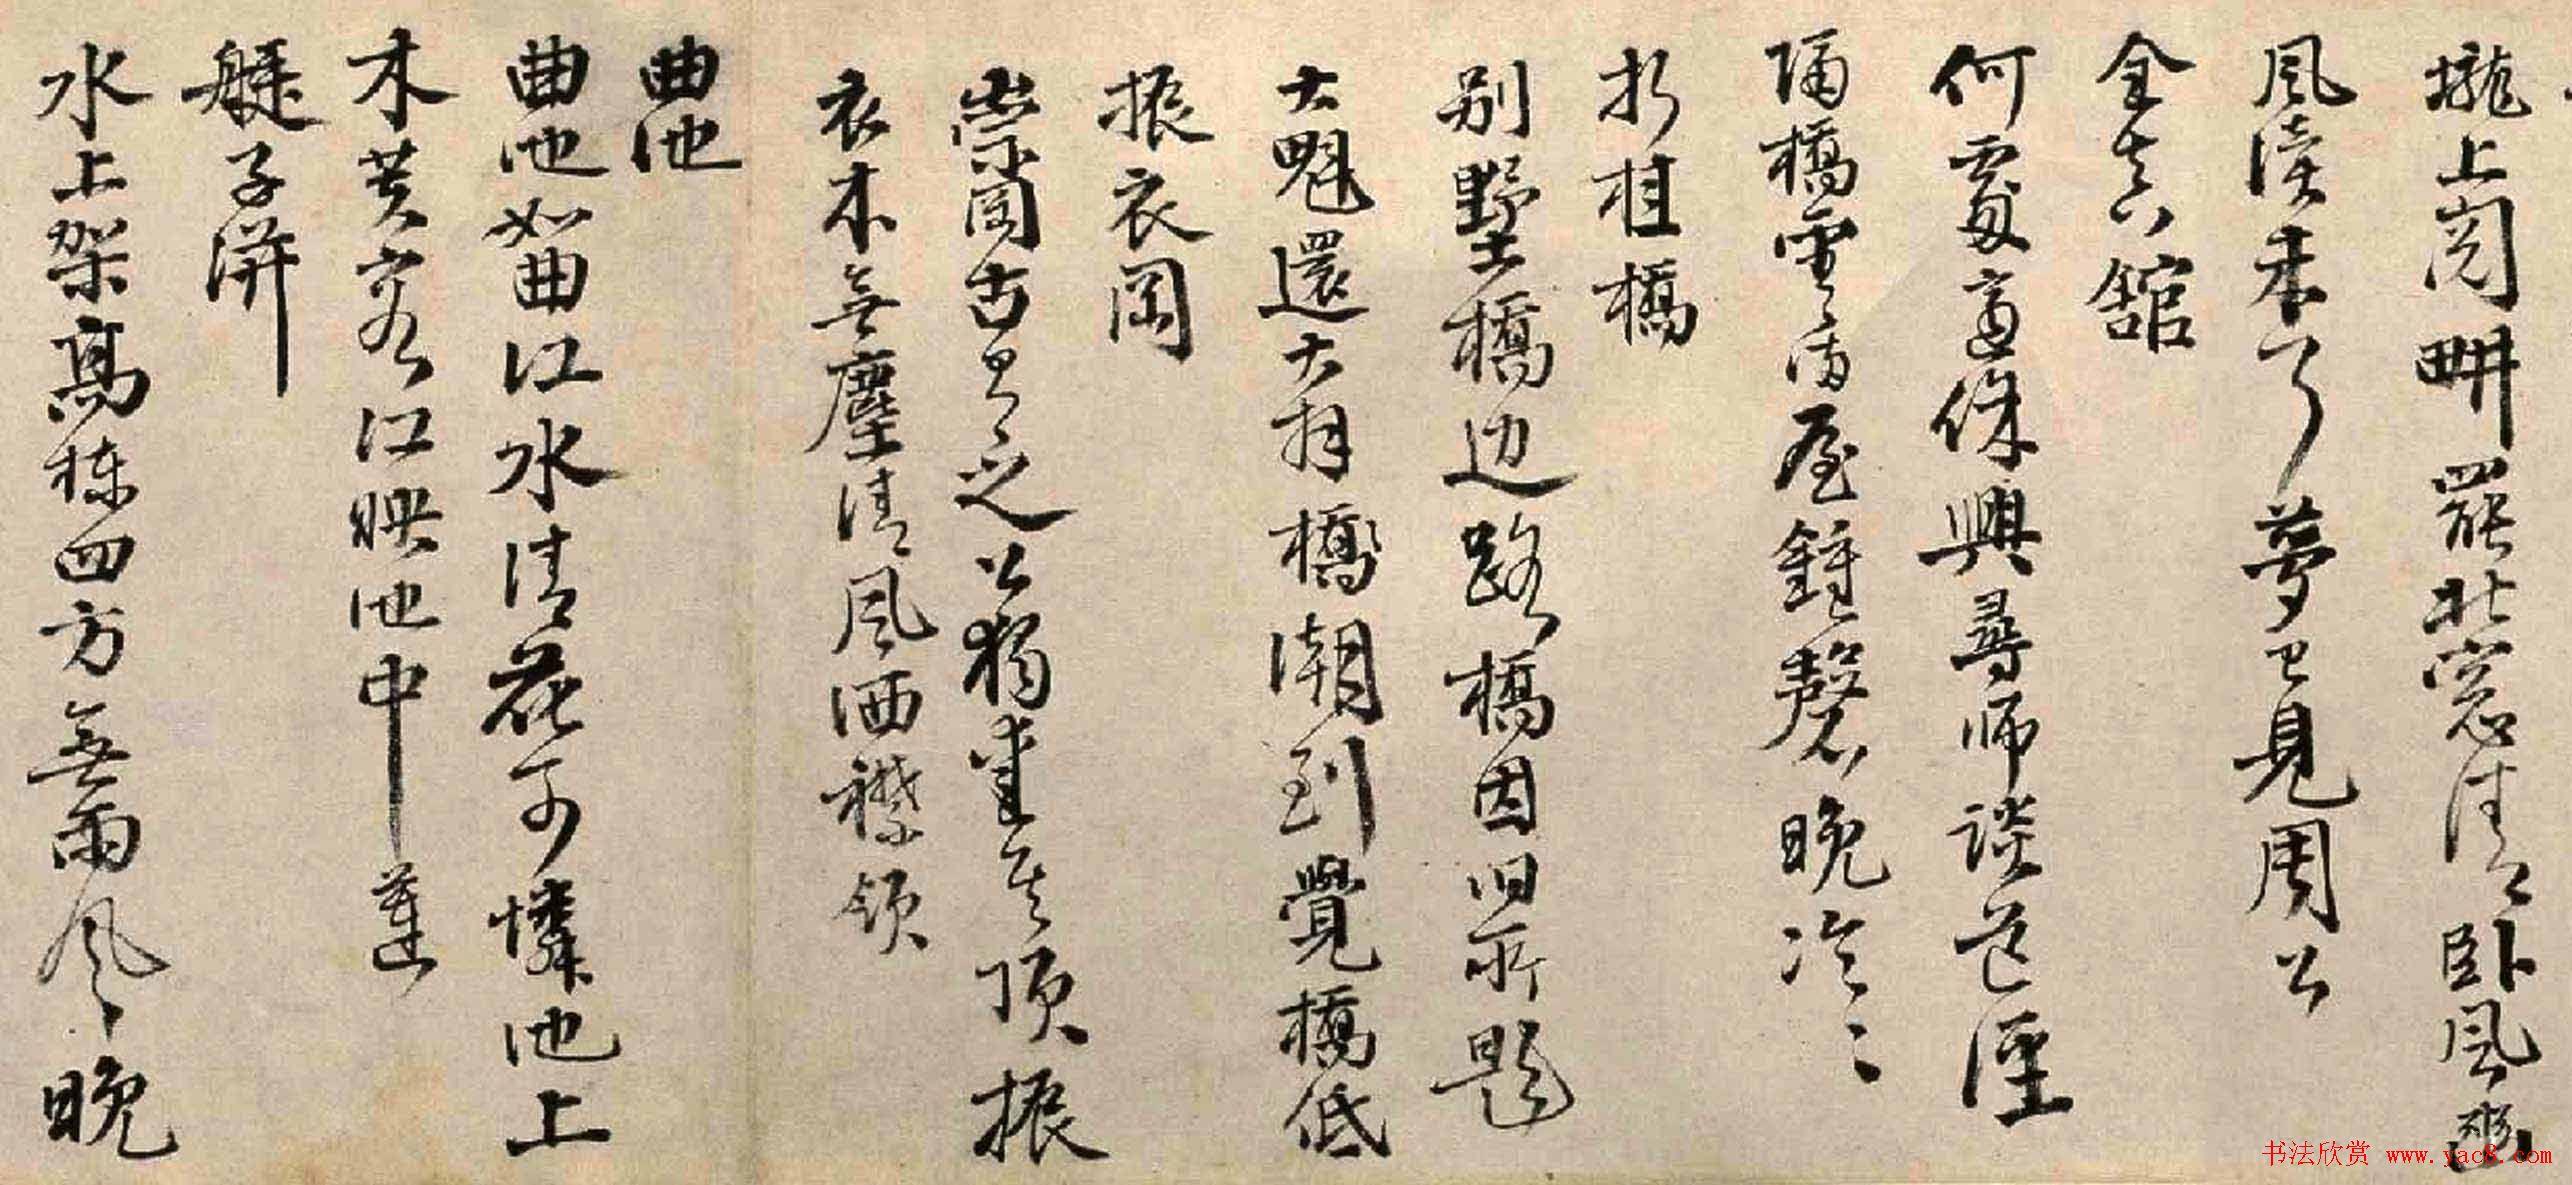 邵宝行书长卷赏析《东庄杂咏诗》